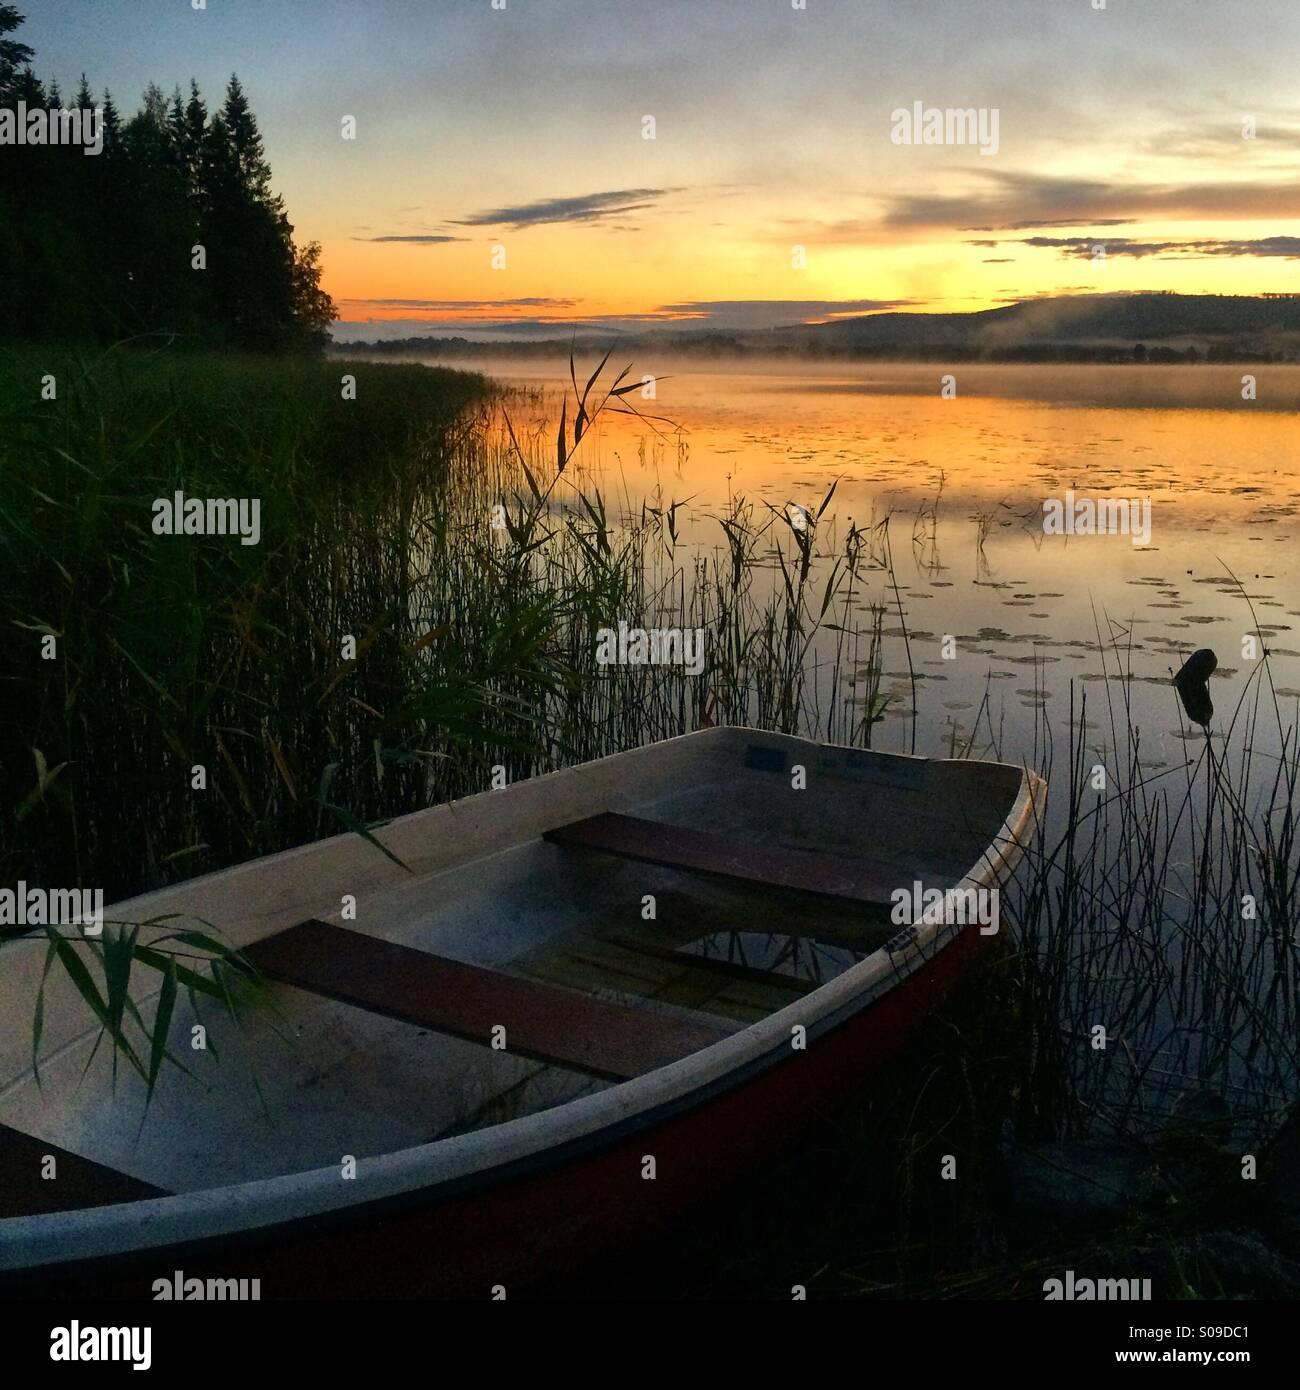 The lake 'Lilla Aspan' in Dalarna, Sweden. - Stock Image